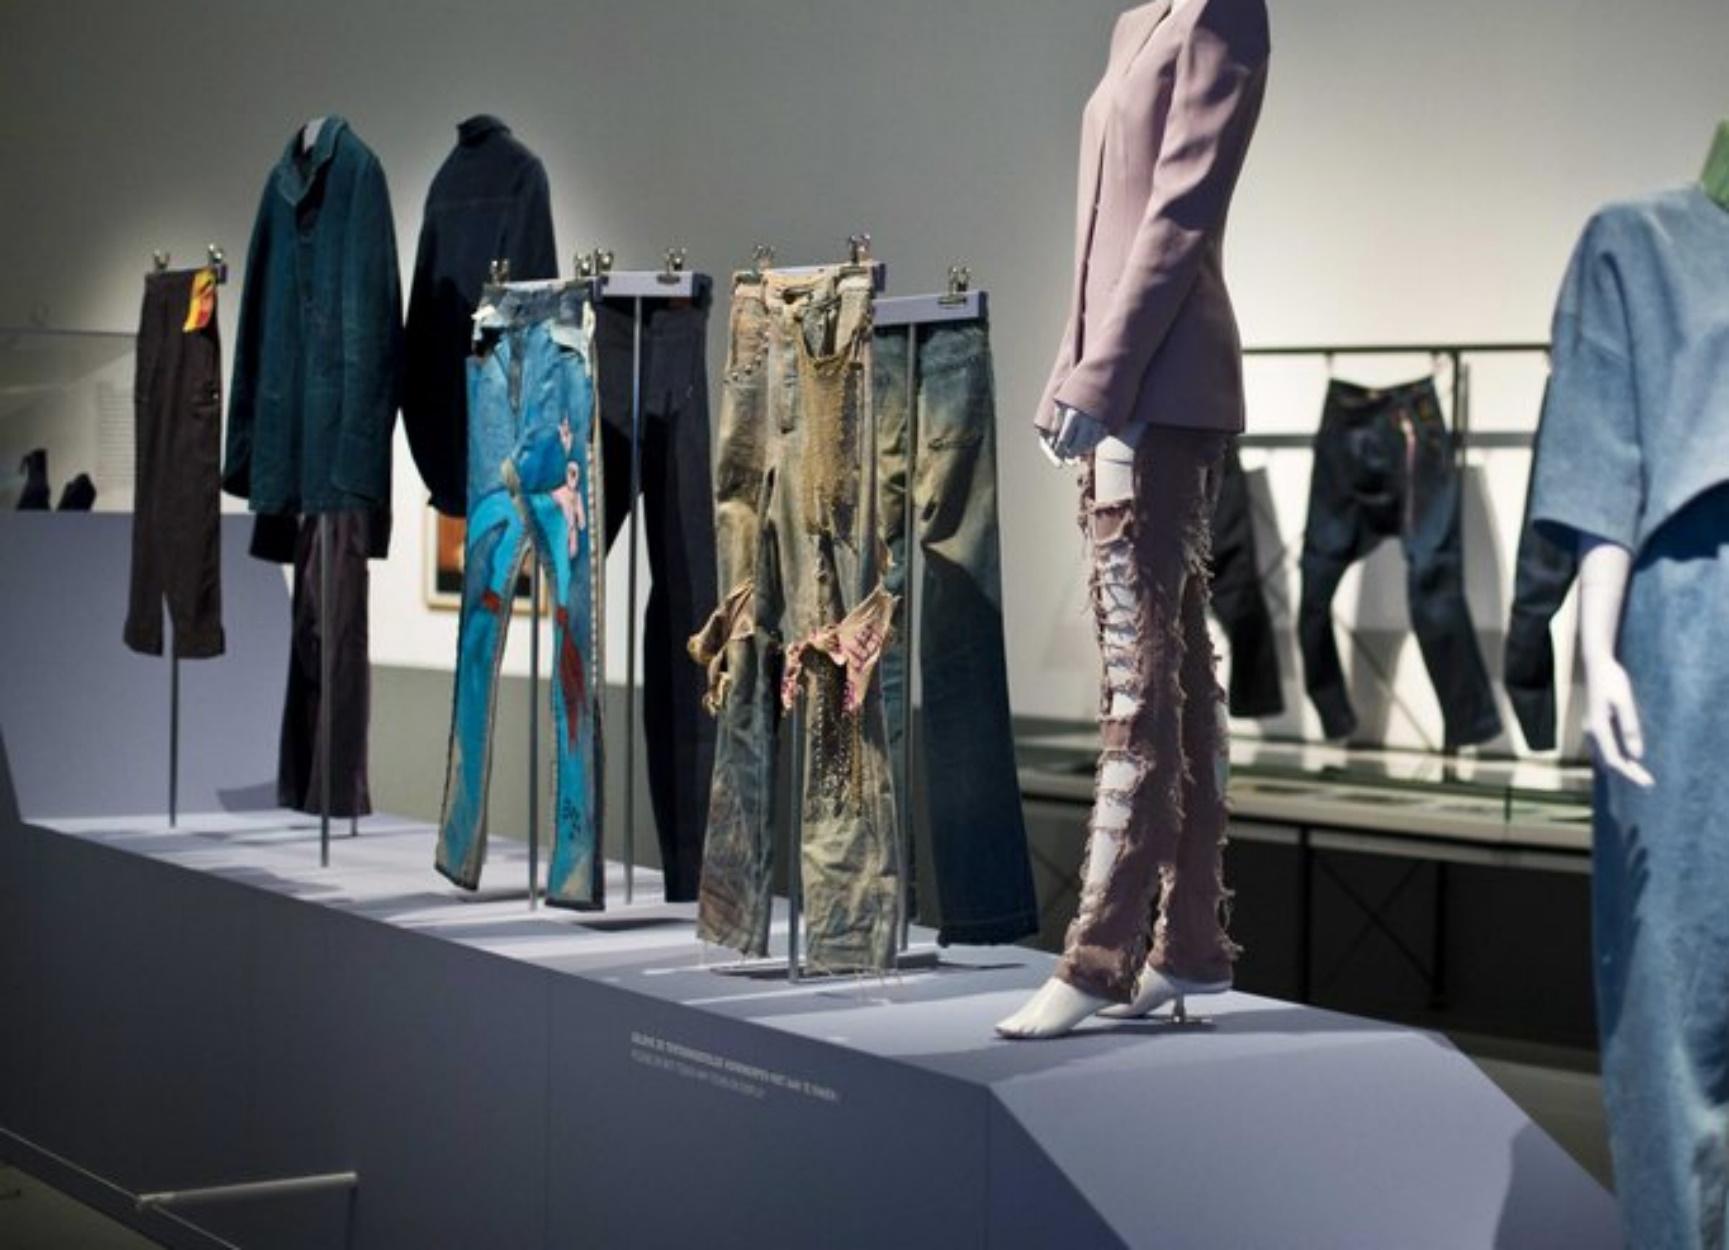 Levi's 501: Η ιστορία πίσω από το τζιν παντελόνι που λατρεύτηκε απ' όλο τον πλανήτη